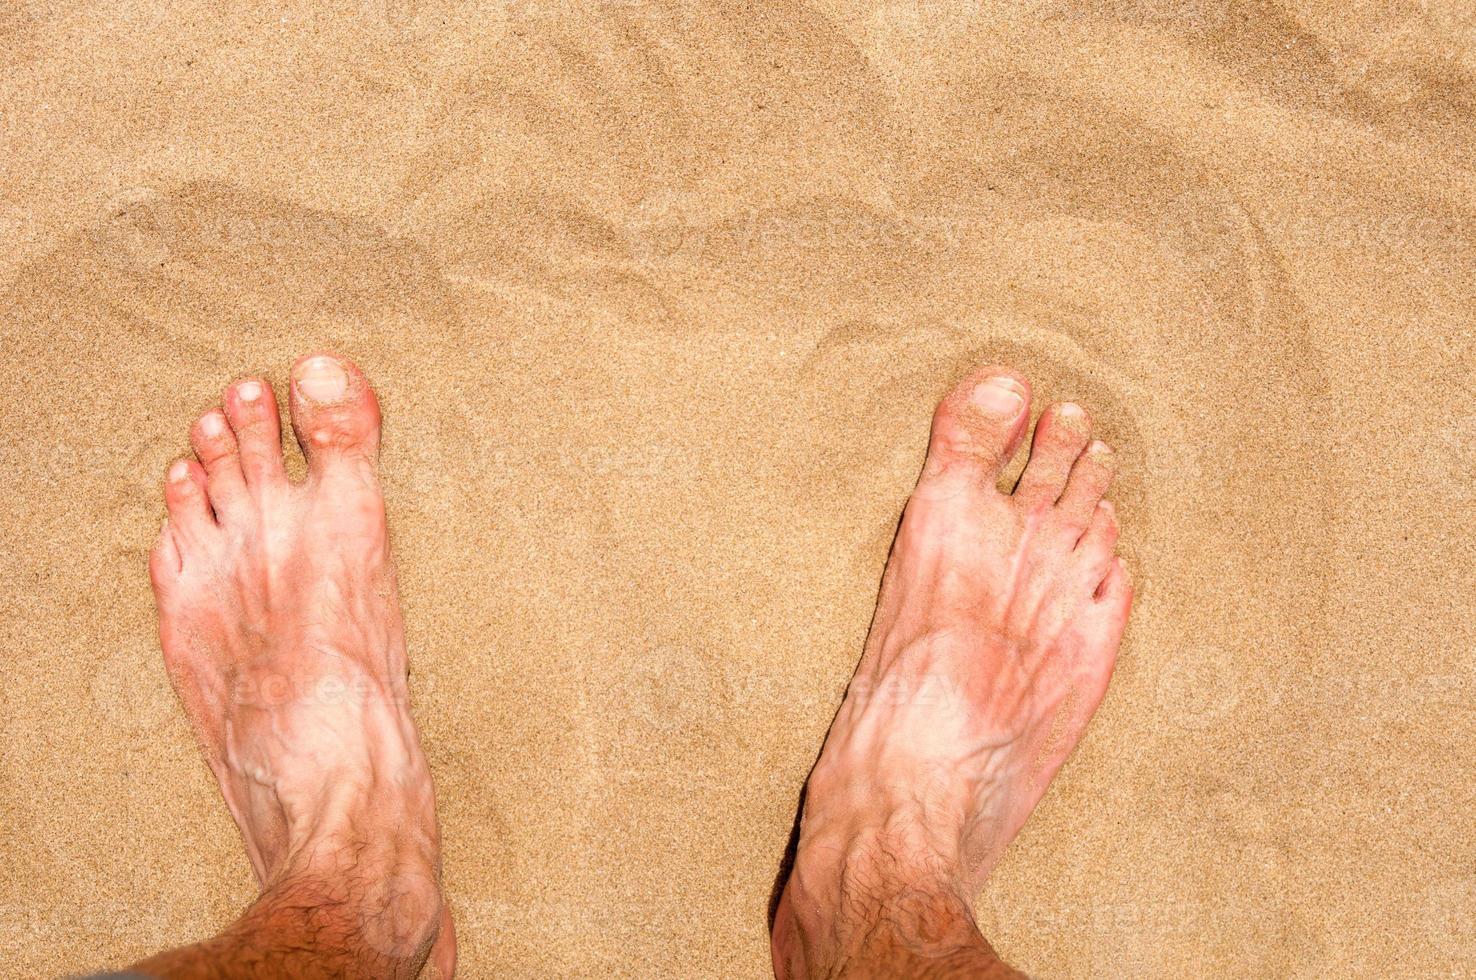 männlicher Fuß auf Sand foto